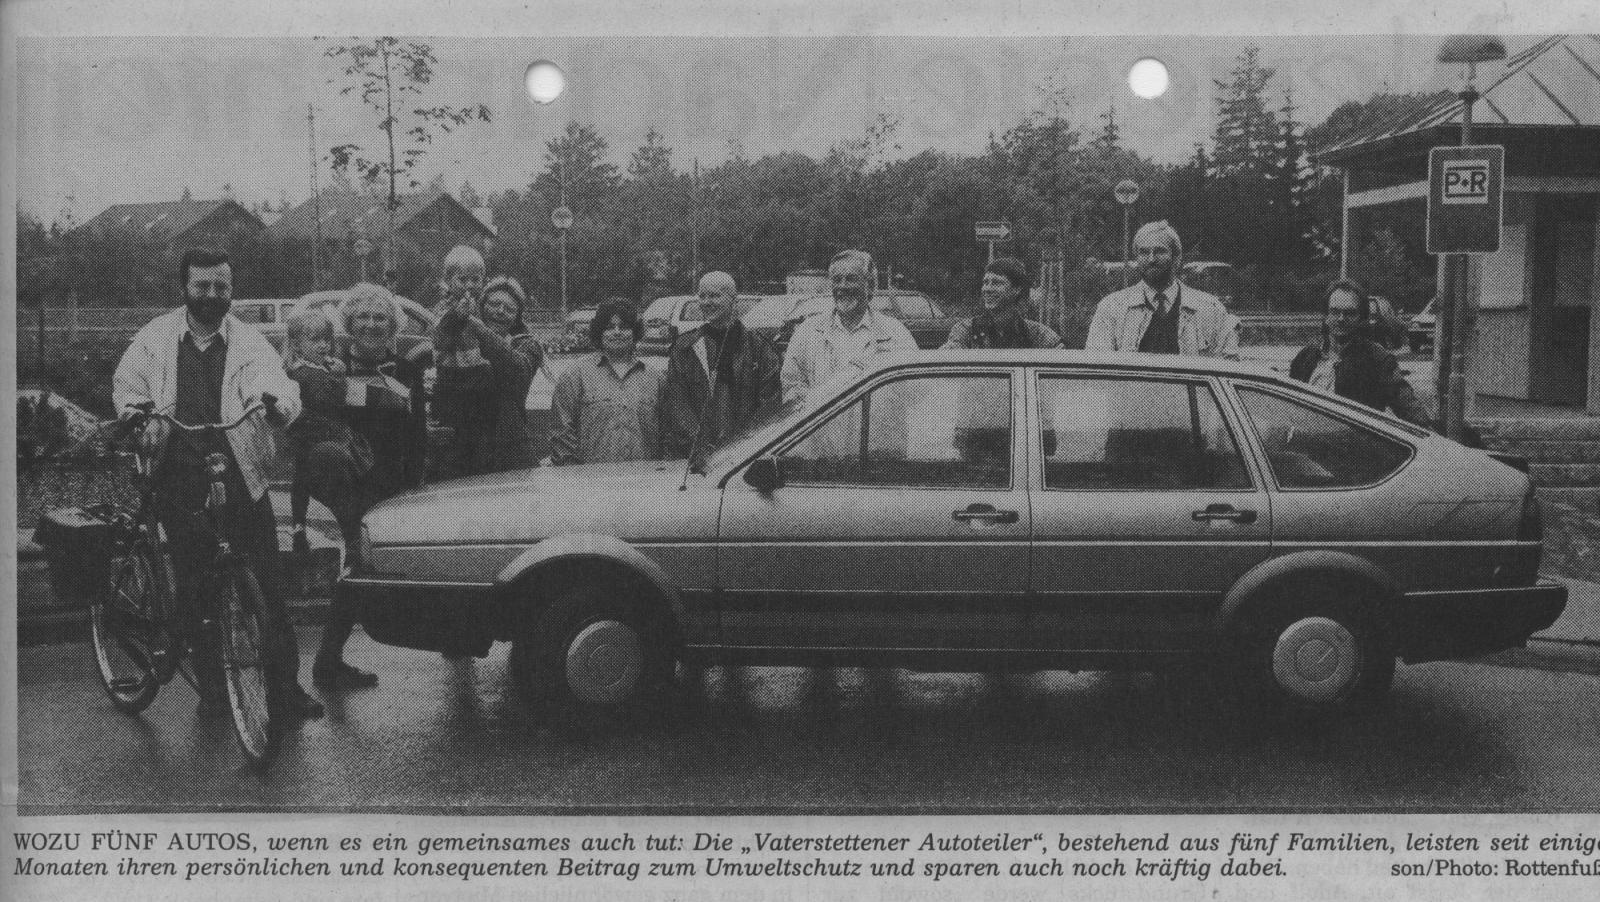 Die Vaterstettener Auto-Teiler im Jahr 1992